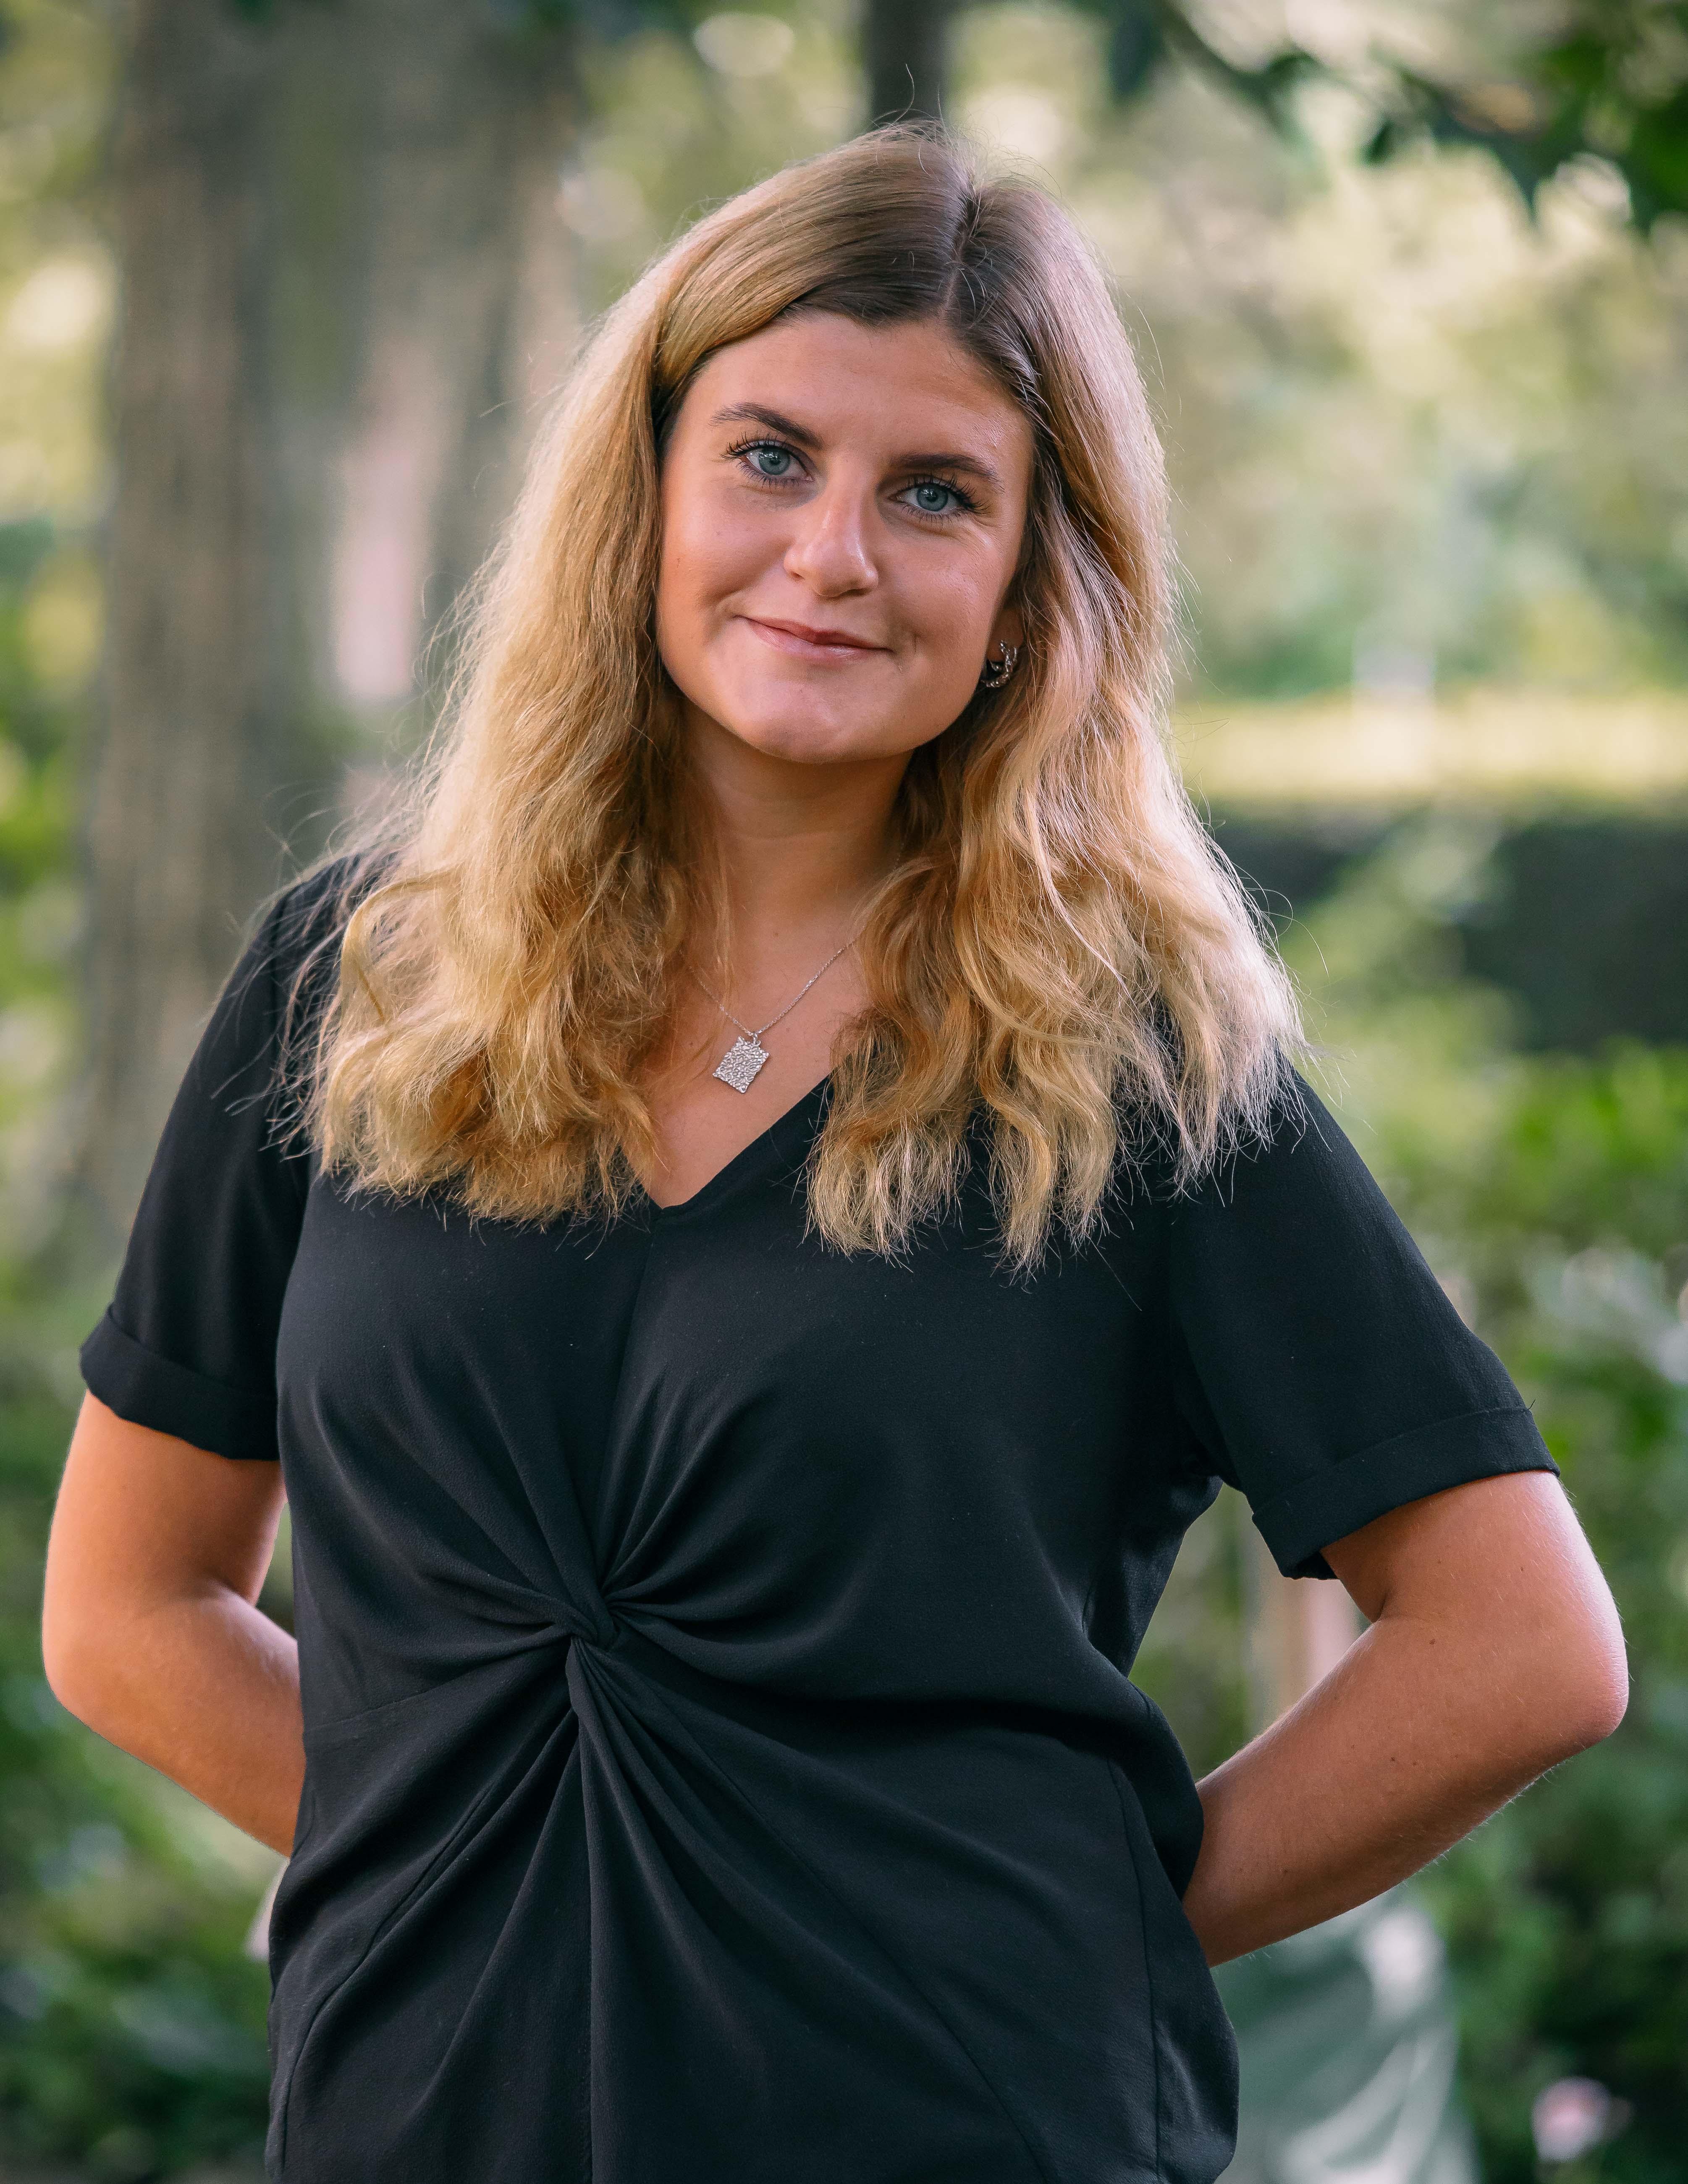 Anna Vimpel